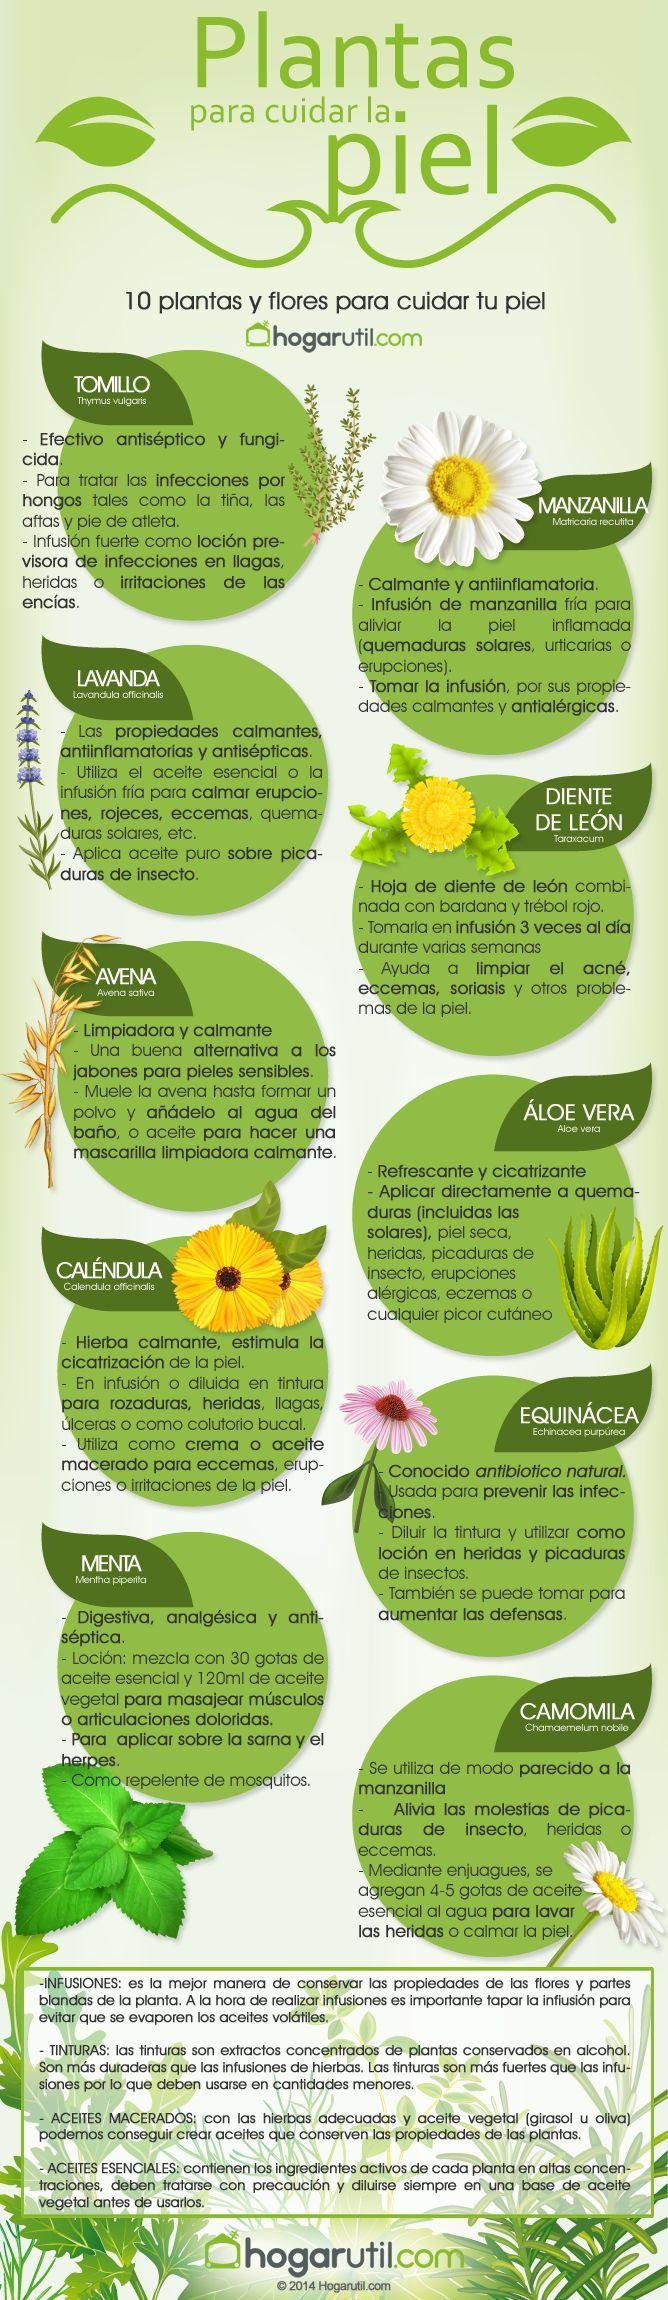 10 plantas para cuidar tu piel. #infografia #salud